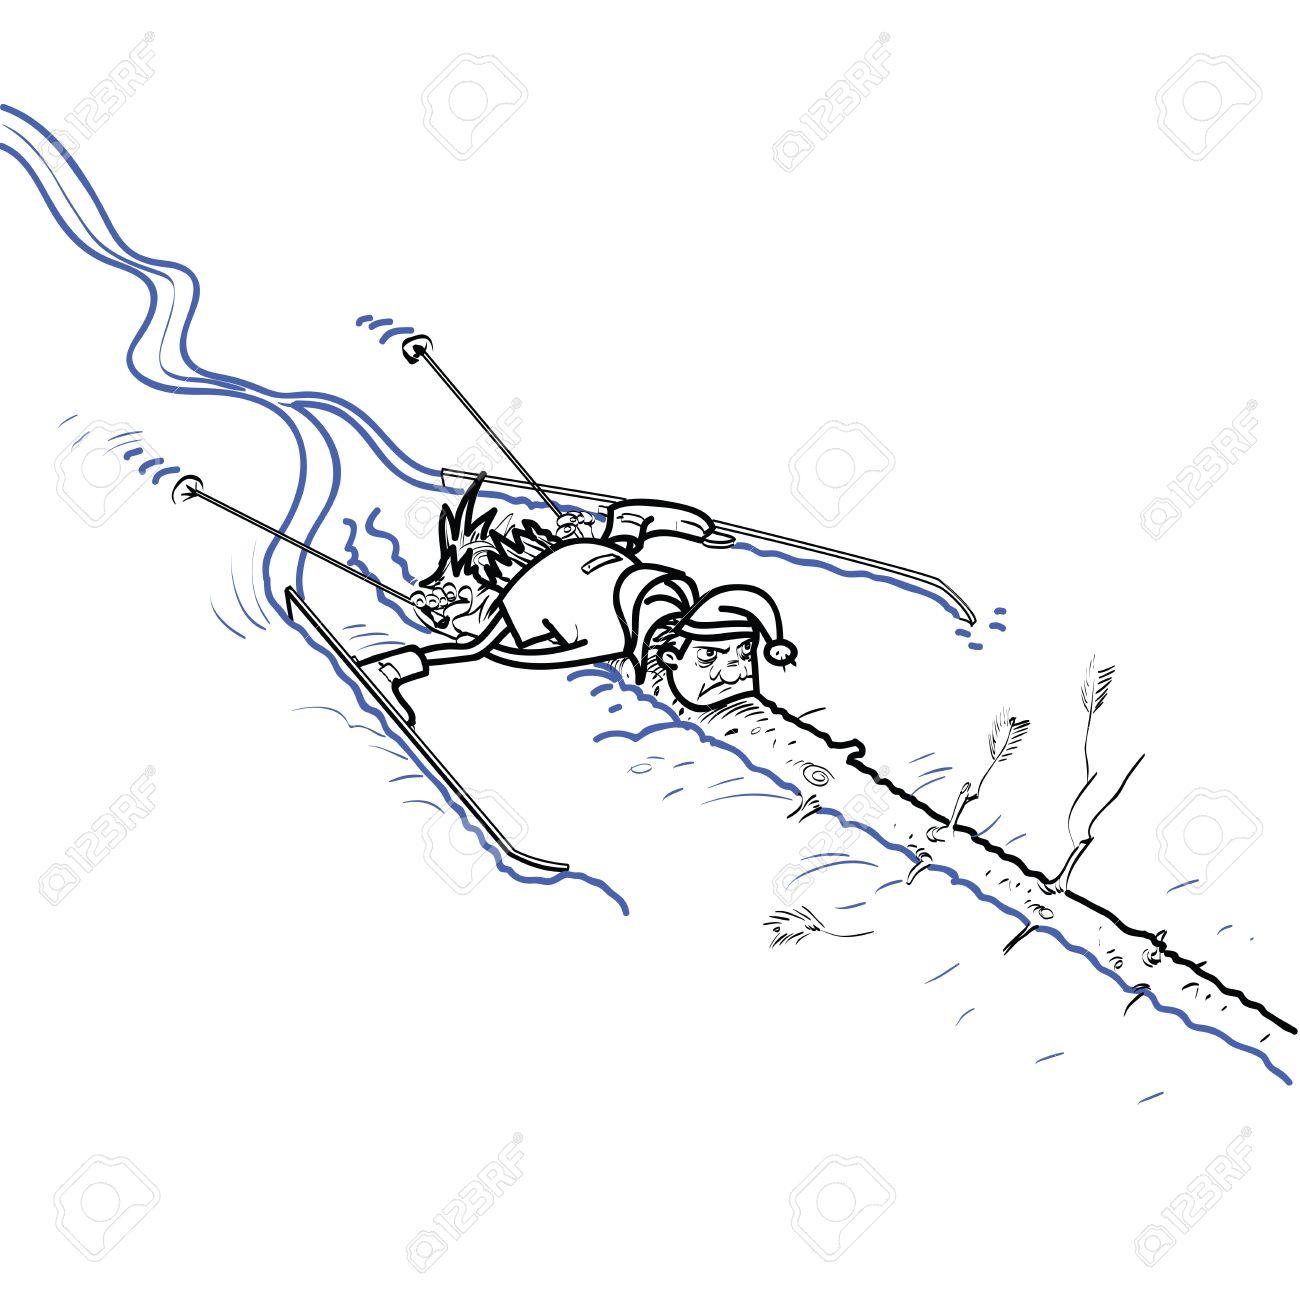 Un Esquiador Chocó Contra Un árbol Deportes De Invierno Descenso De Esquí Dibujo En Blanco Y Negro Para Colorear